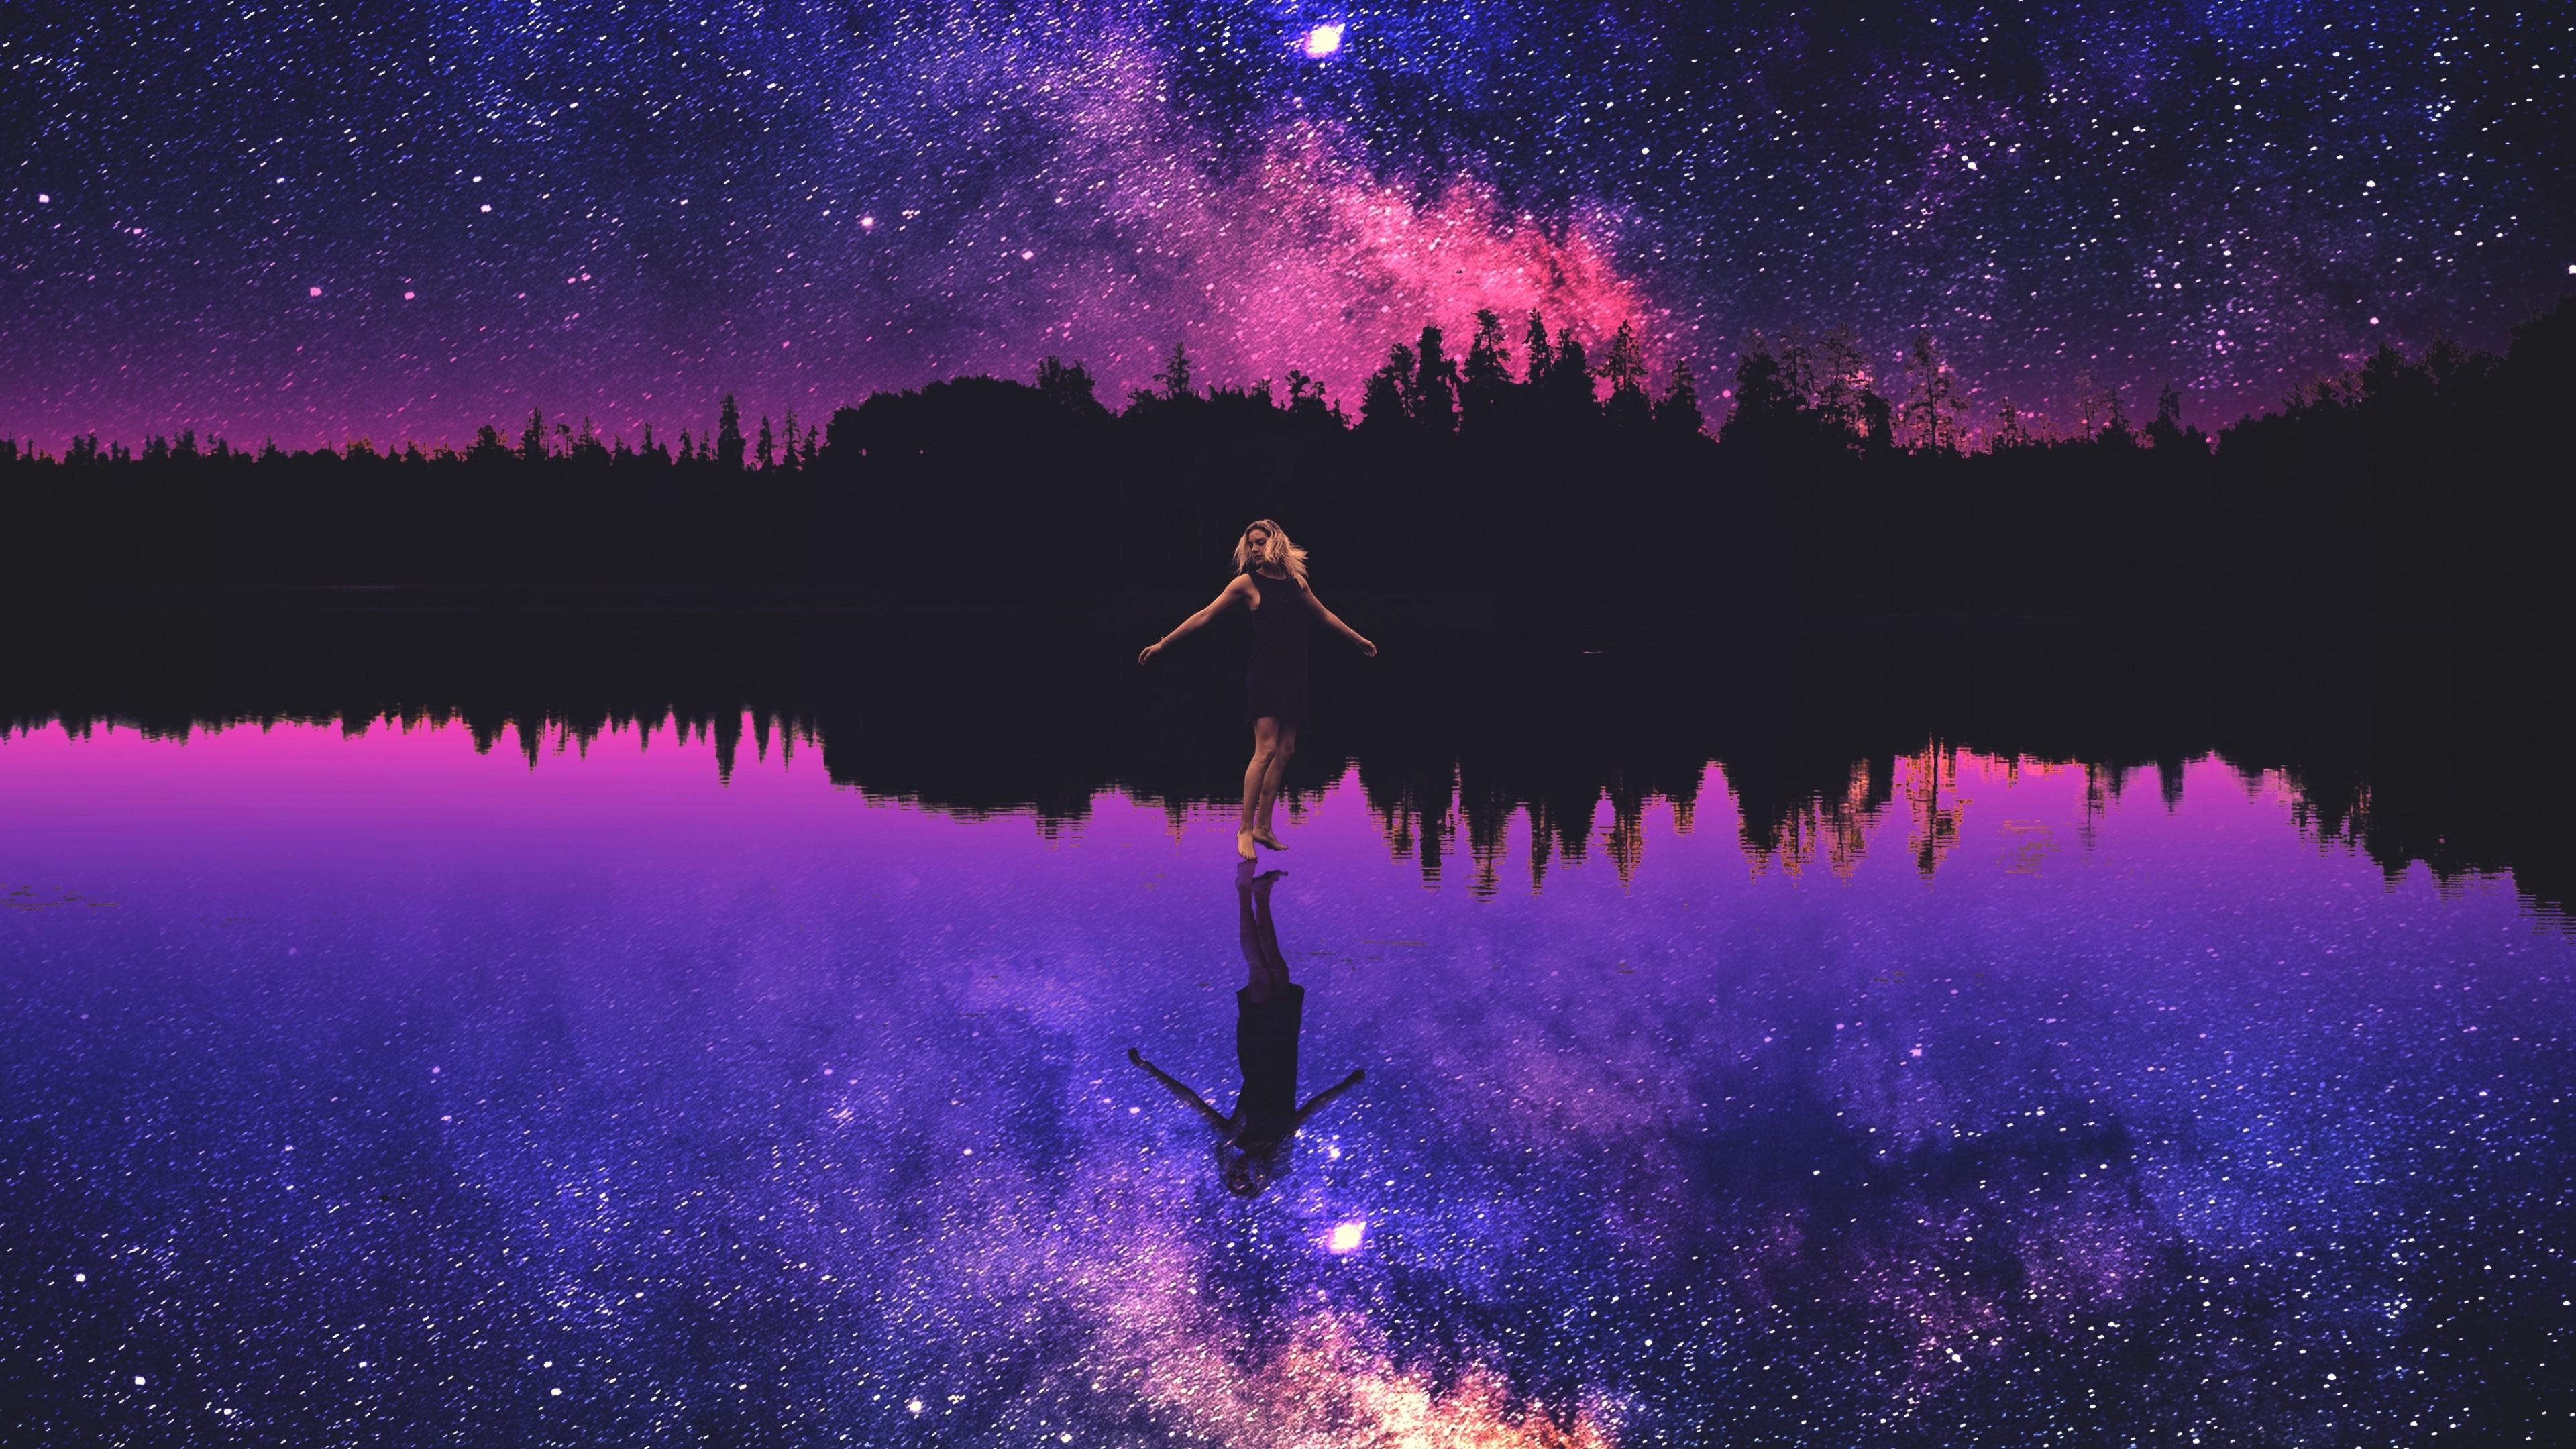 Силуэт девушки на фоне волшебного  небосвода с отражением золотой россыпи звезд